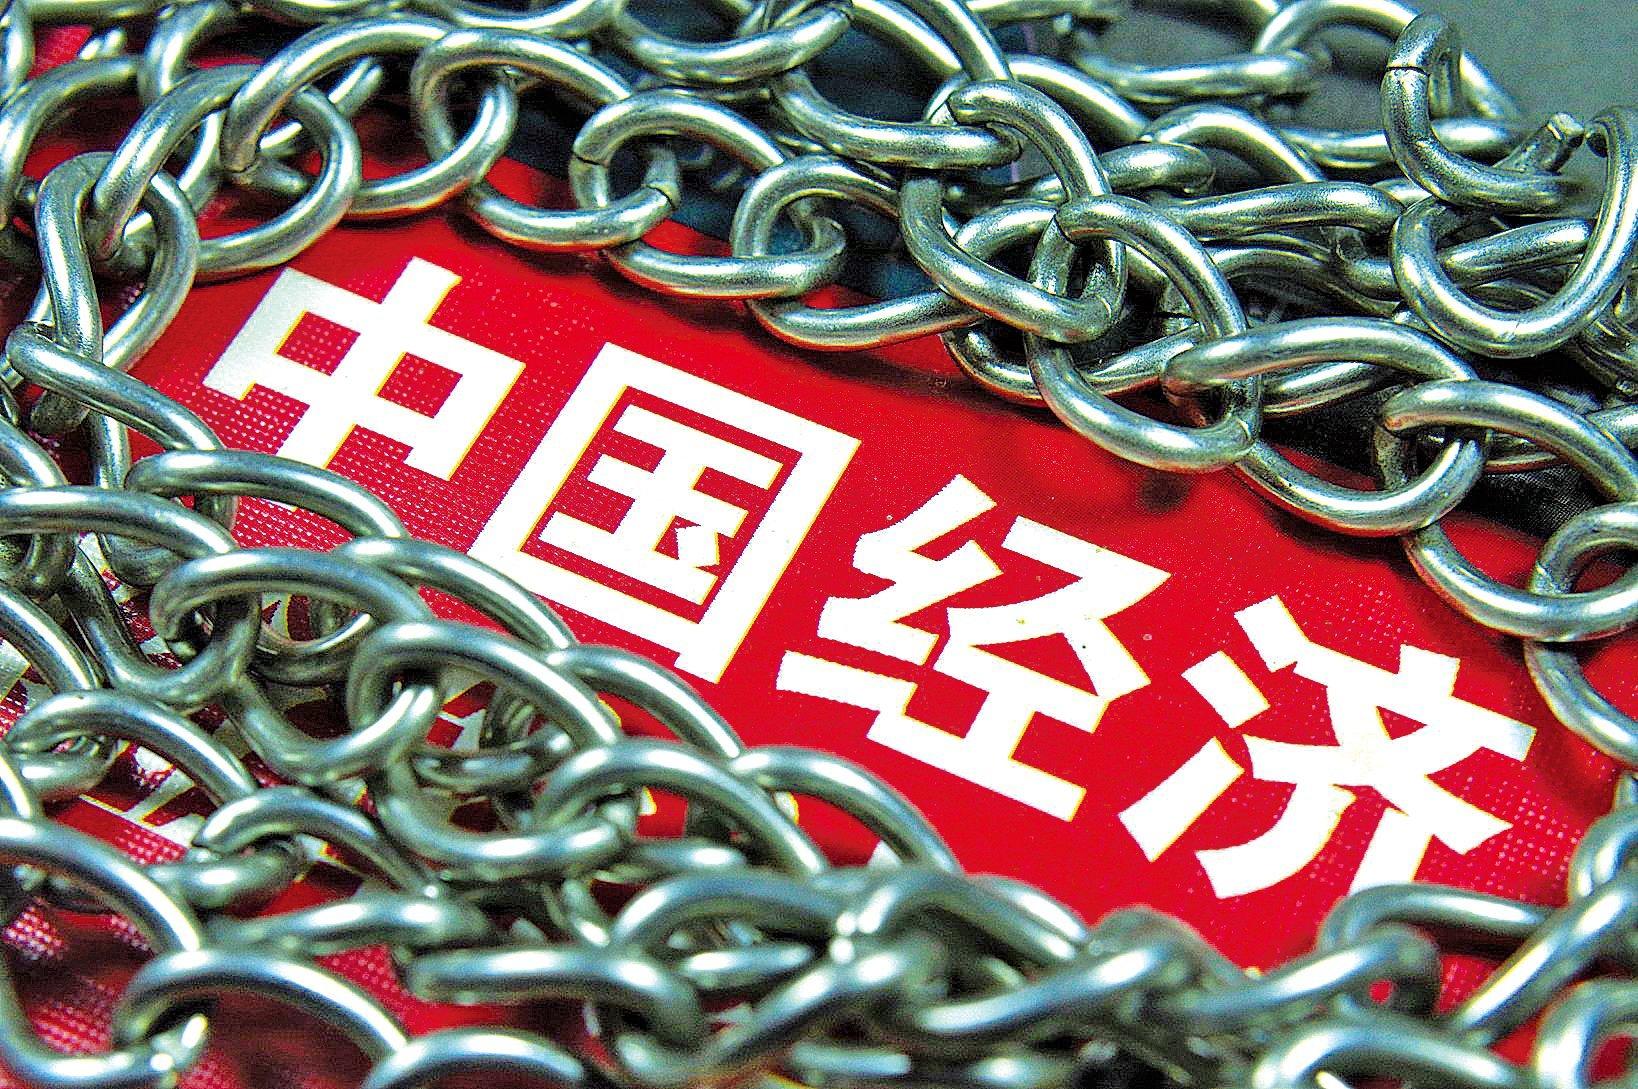 中經院所長劉孟俊表示,中共「十四五」面臨包括中國人口紅利消失、生產力成長減弱以及債務風險加劇等問題。(大紀元資料室)